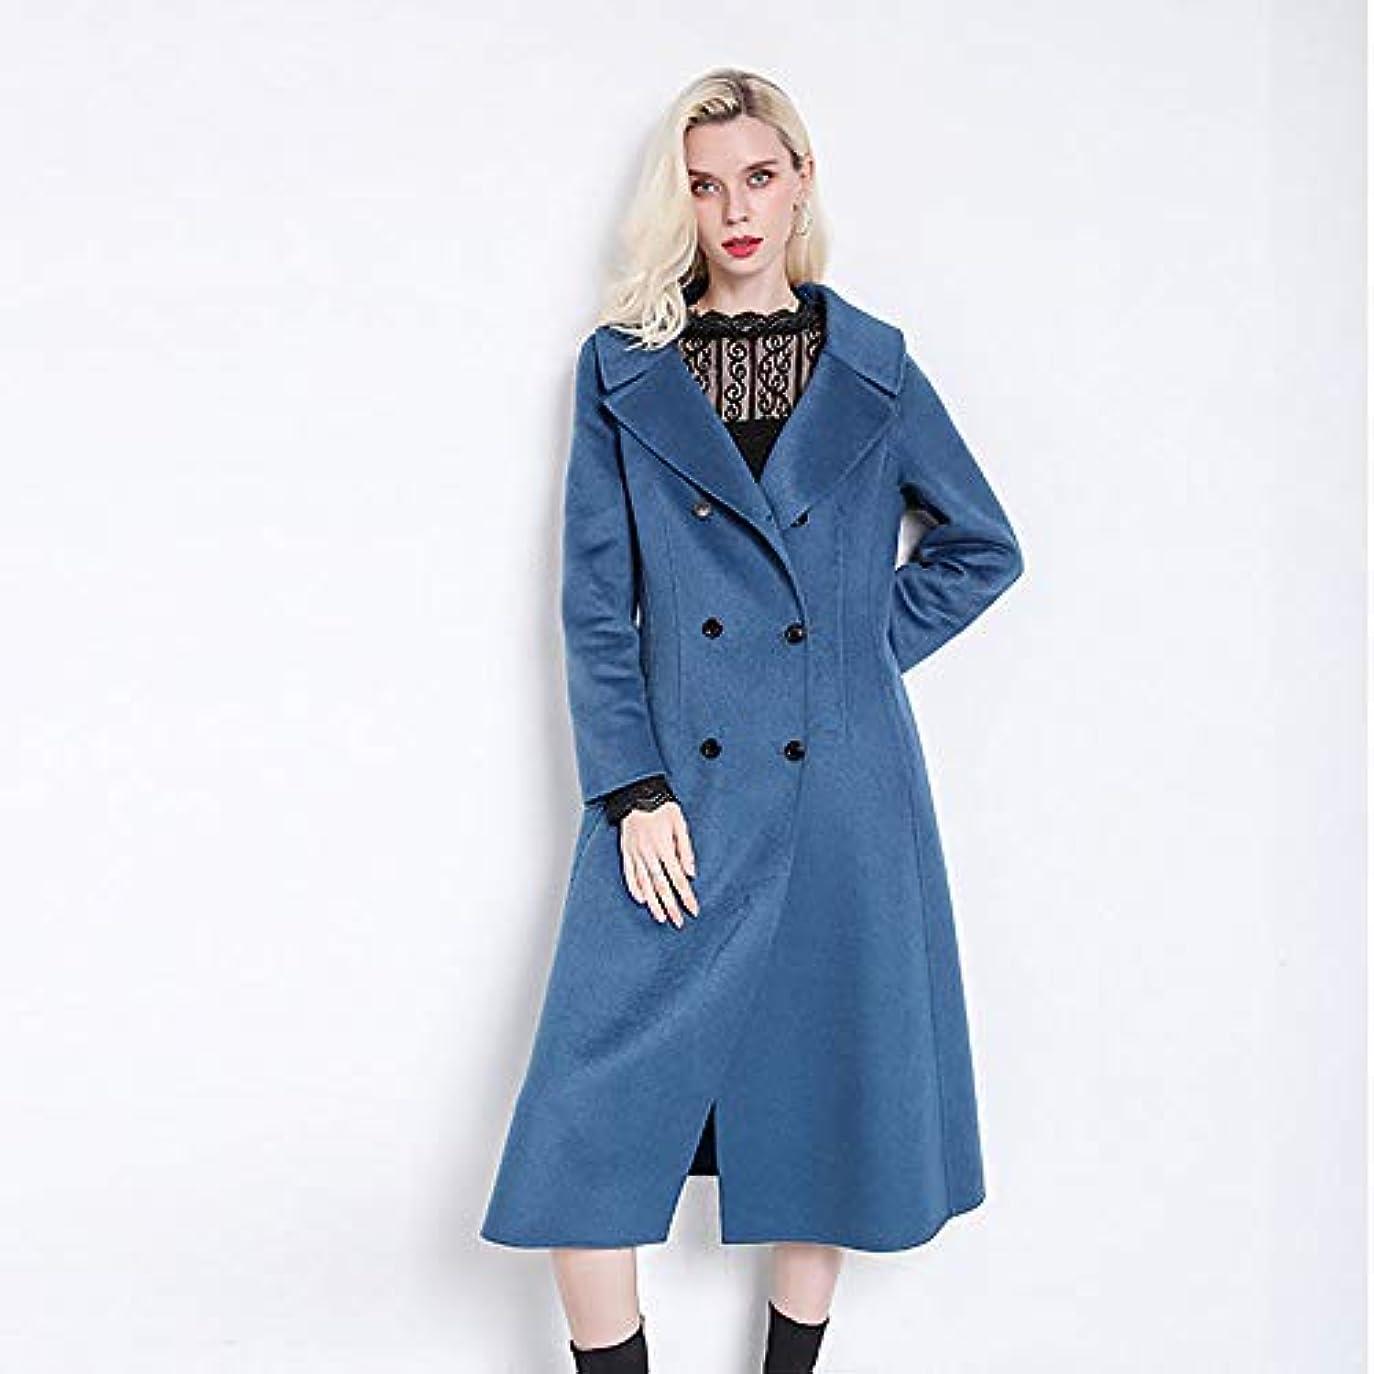 ゆるいために精算ウールコート、秋と冬の新しいコート両面ウールコートレディースジャケットレディース?コートレディースウインドブレーカージャケット,ブルー,XL